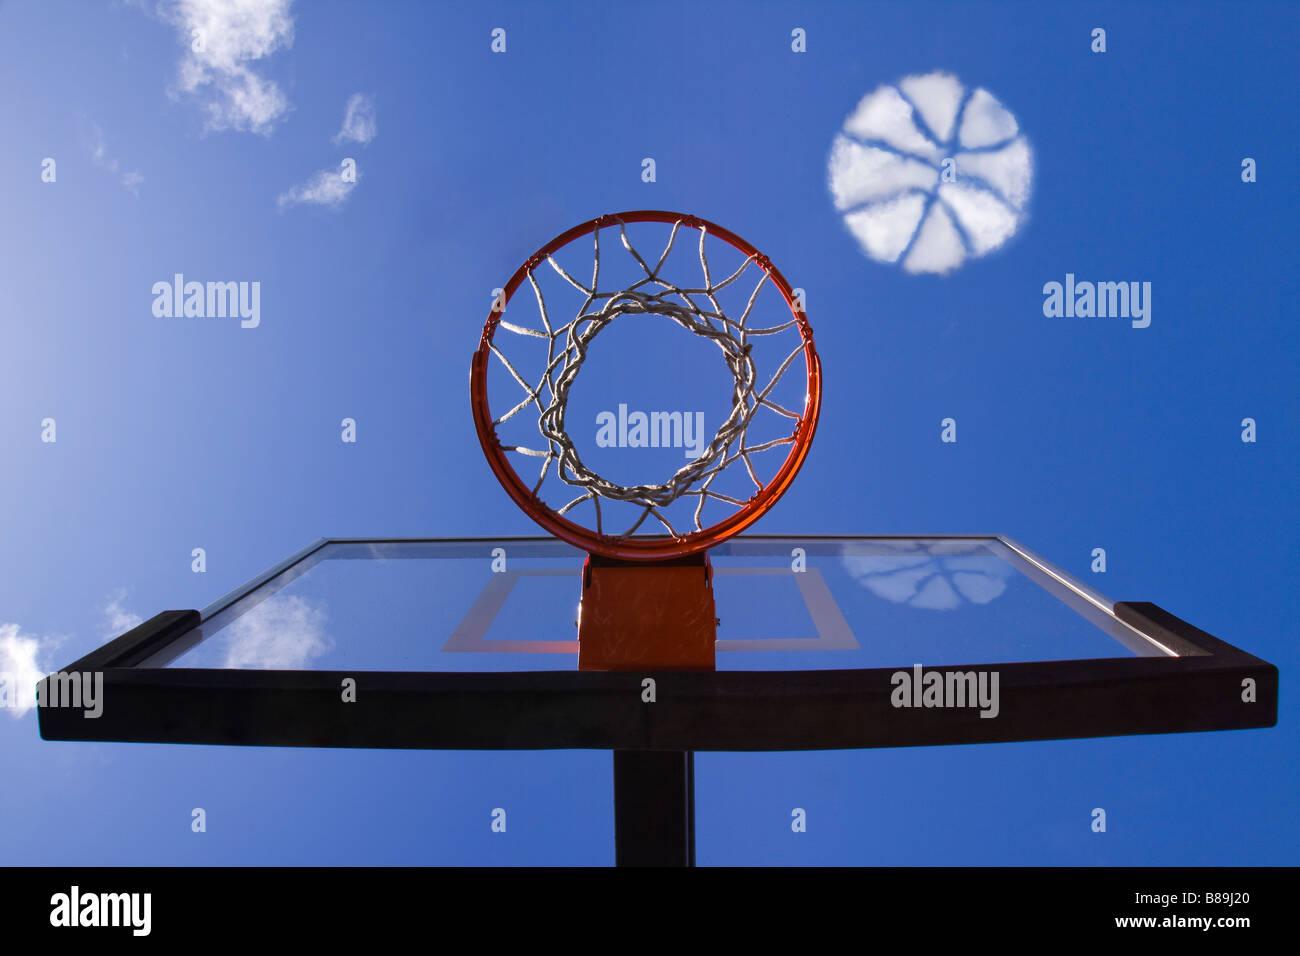 Nuage dans le ciel sous la forme d'une approche d'un terrain de basket-ball Basket-ball comme si elle est Photo Stock